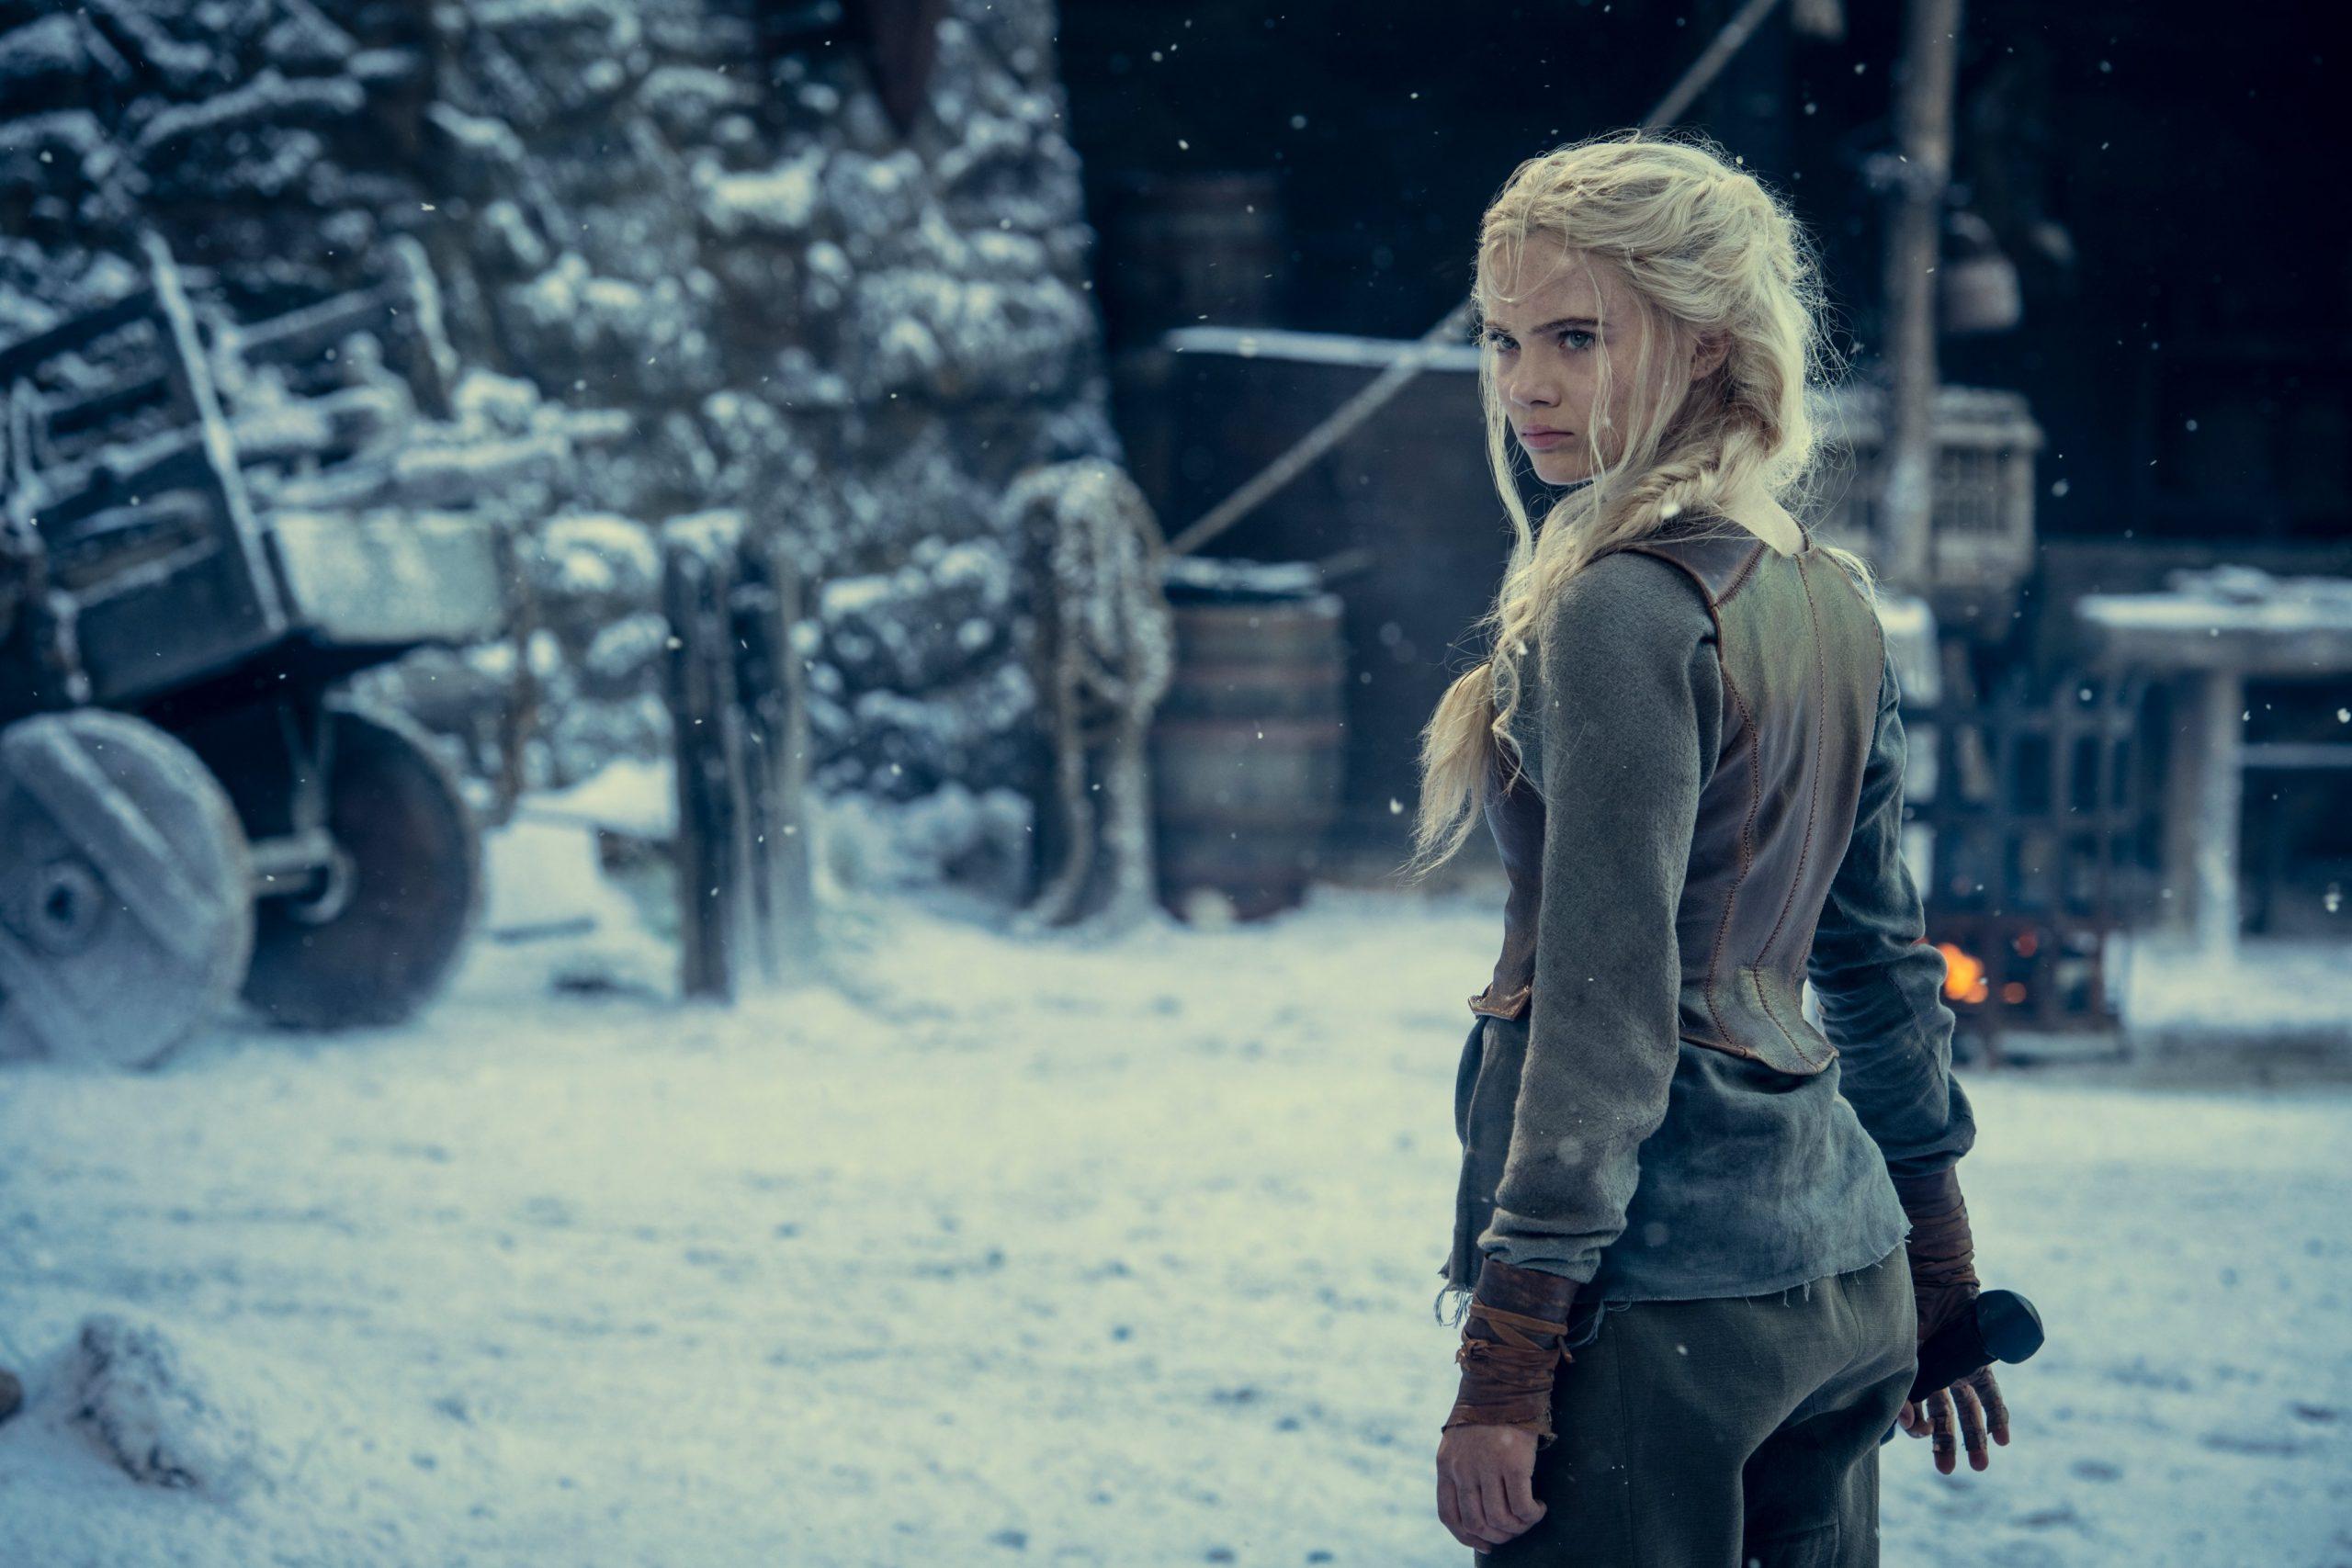 Visual de Cirilla para a próxima temporada de The Witcher. FOTO: Twitter